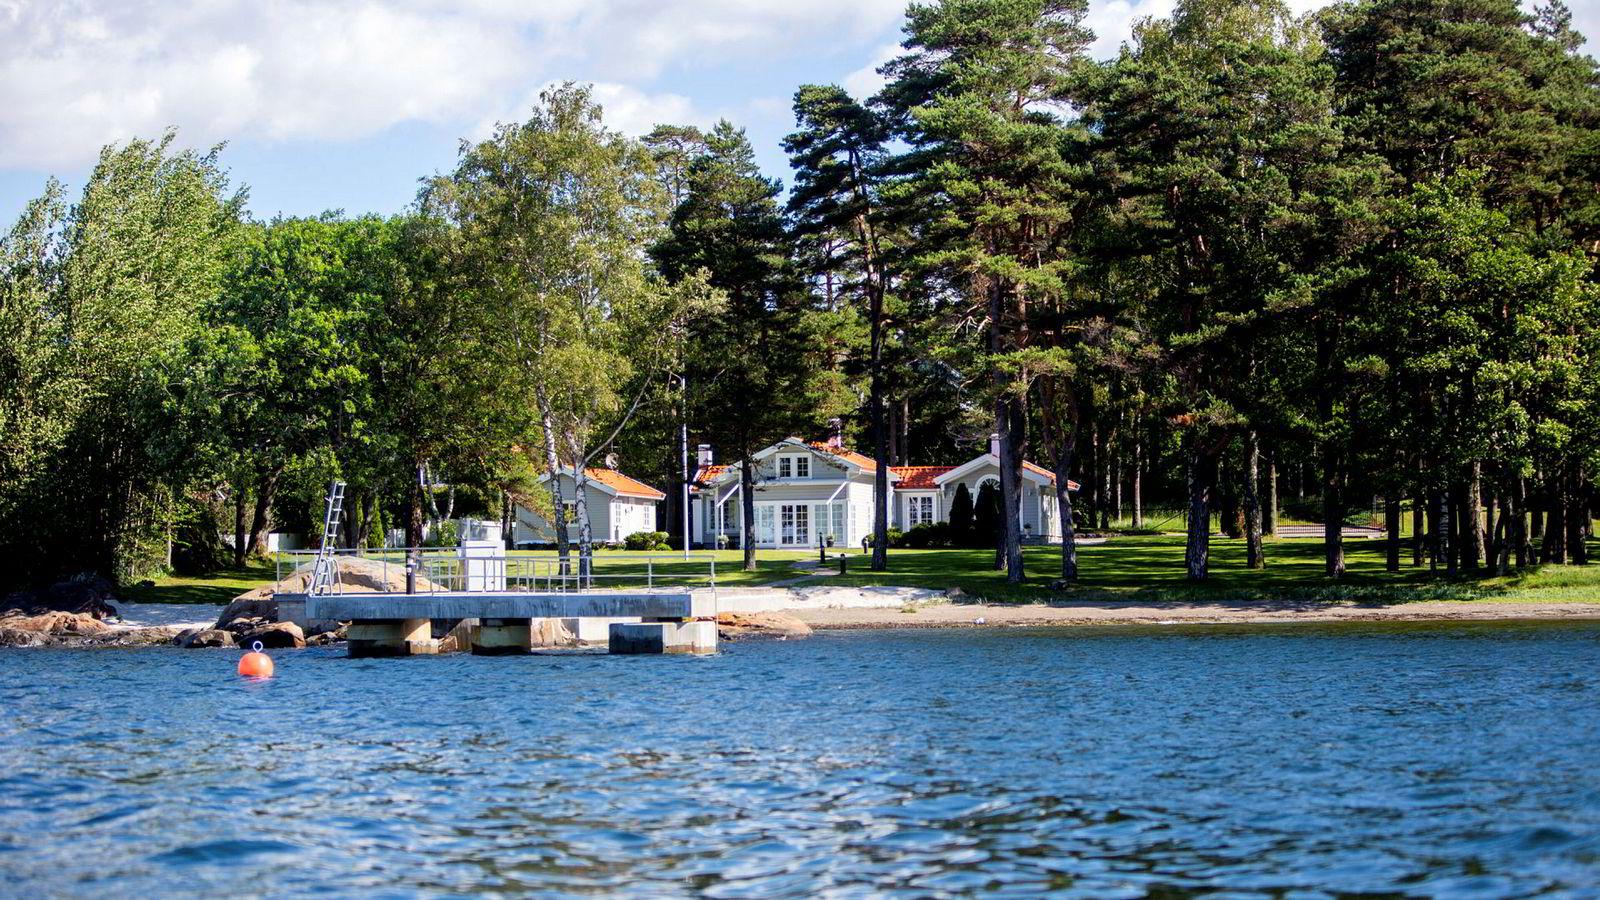 I 2007 satte den danske oljegründeren Brian Ole Jepsen prisrekord for fritidsboliger i Sandefjord da han ga 32 millioner kroner for en fasjonabel strandeiendom på Vesterøya. Nå har han slått egen prisrekord ved å kjøpe denne nabohytta.